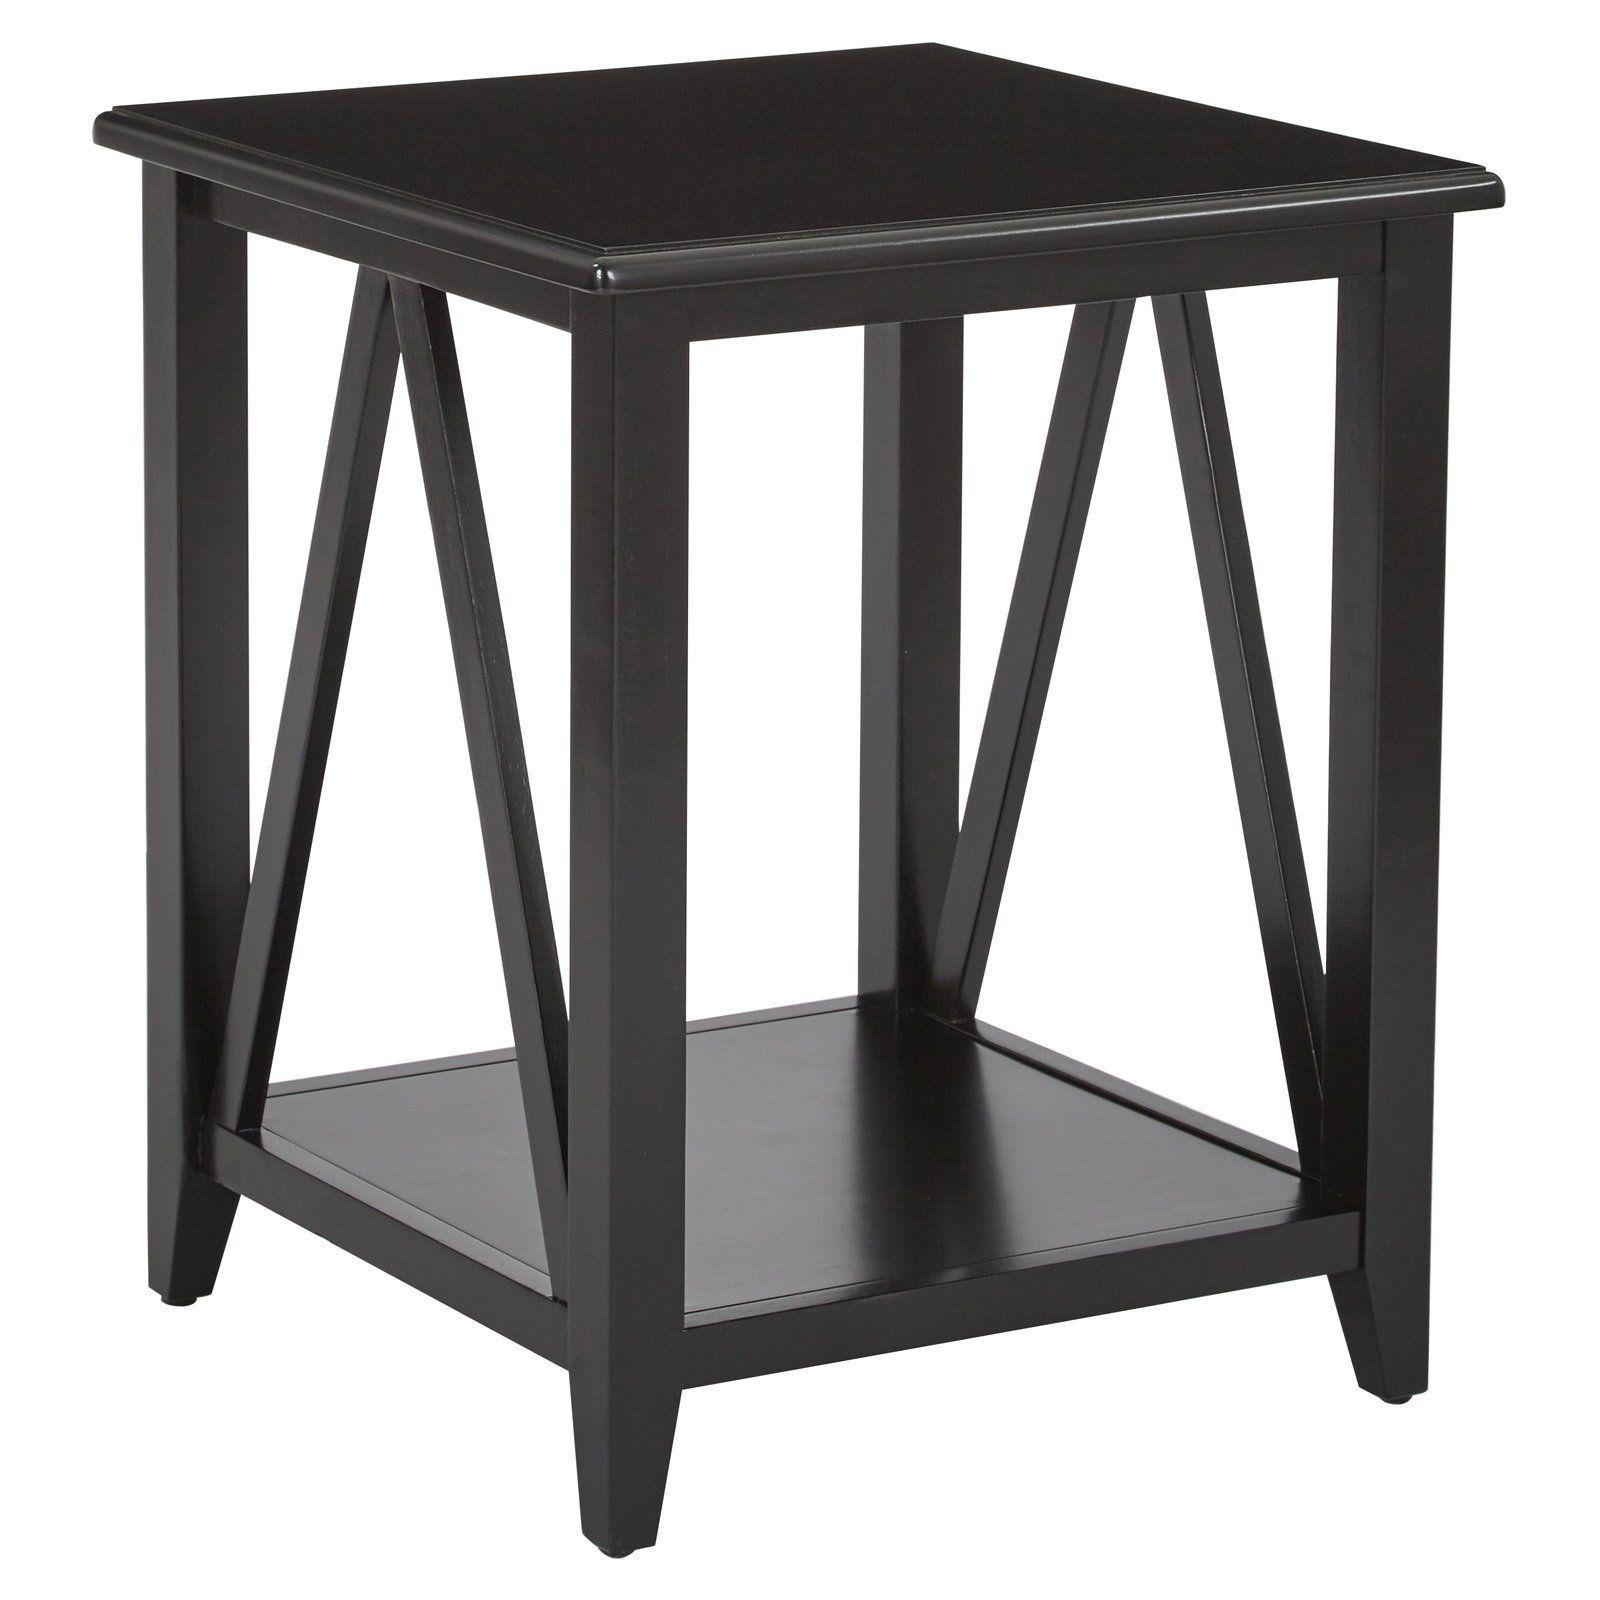 osp designs santa cruz square end table stcz09 bk